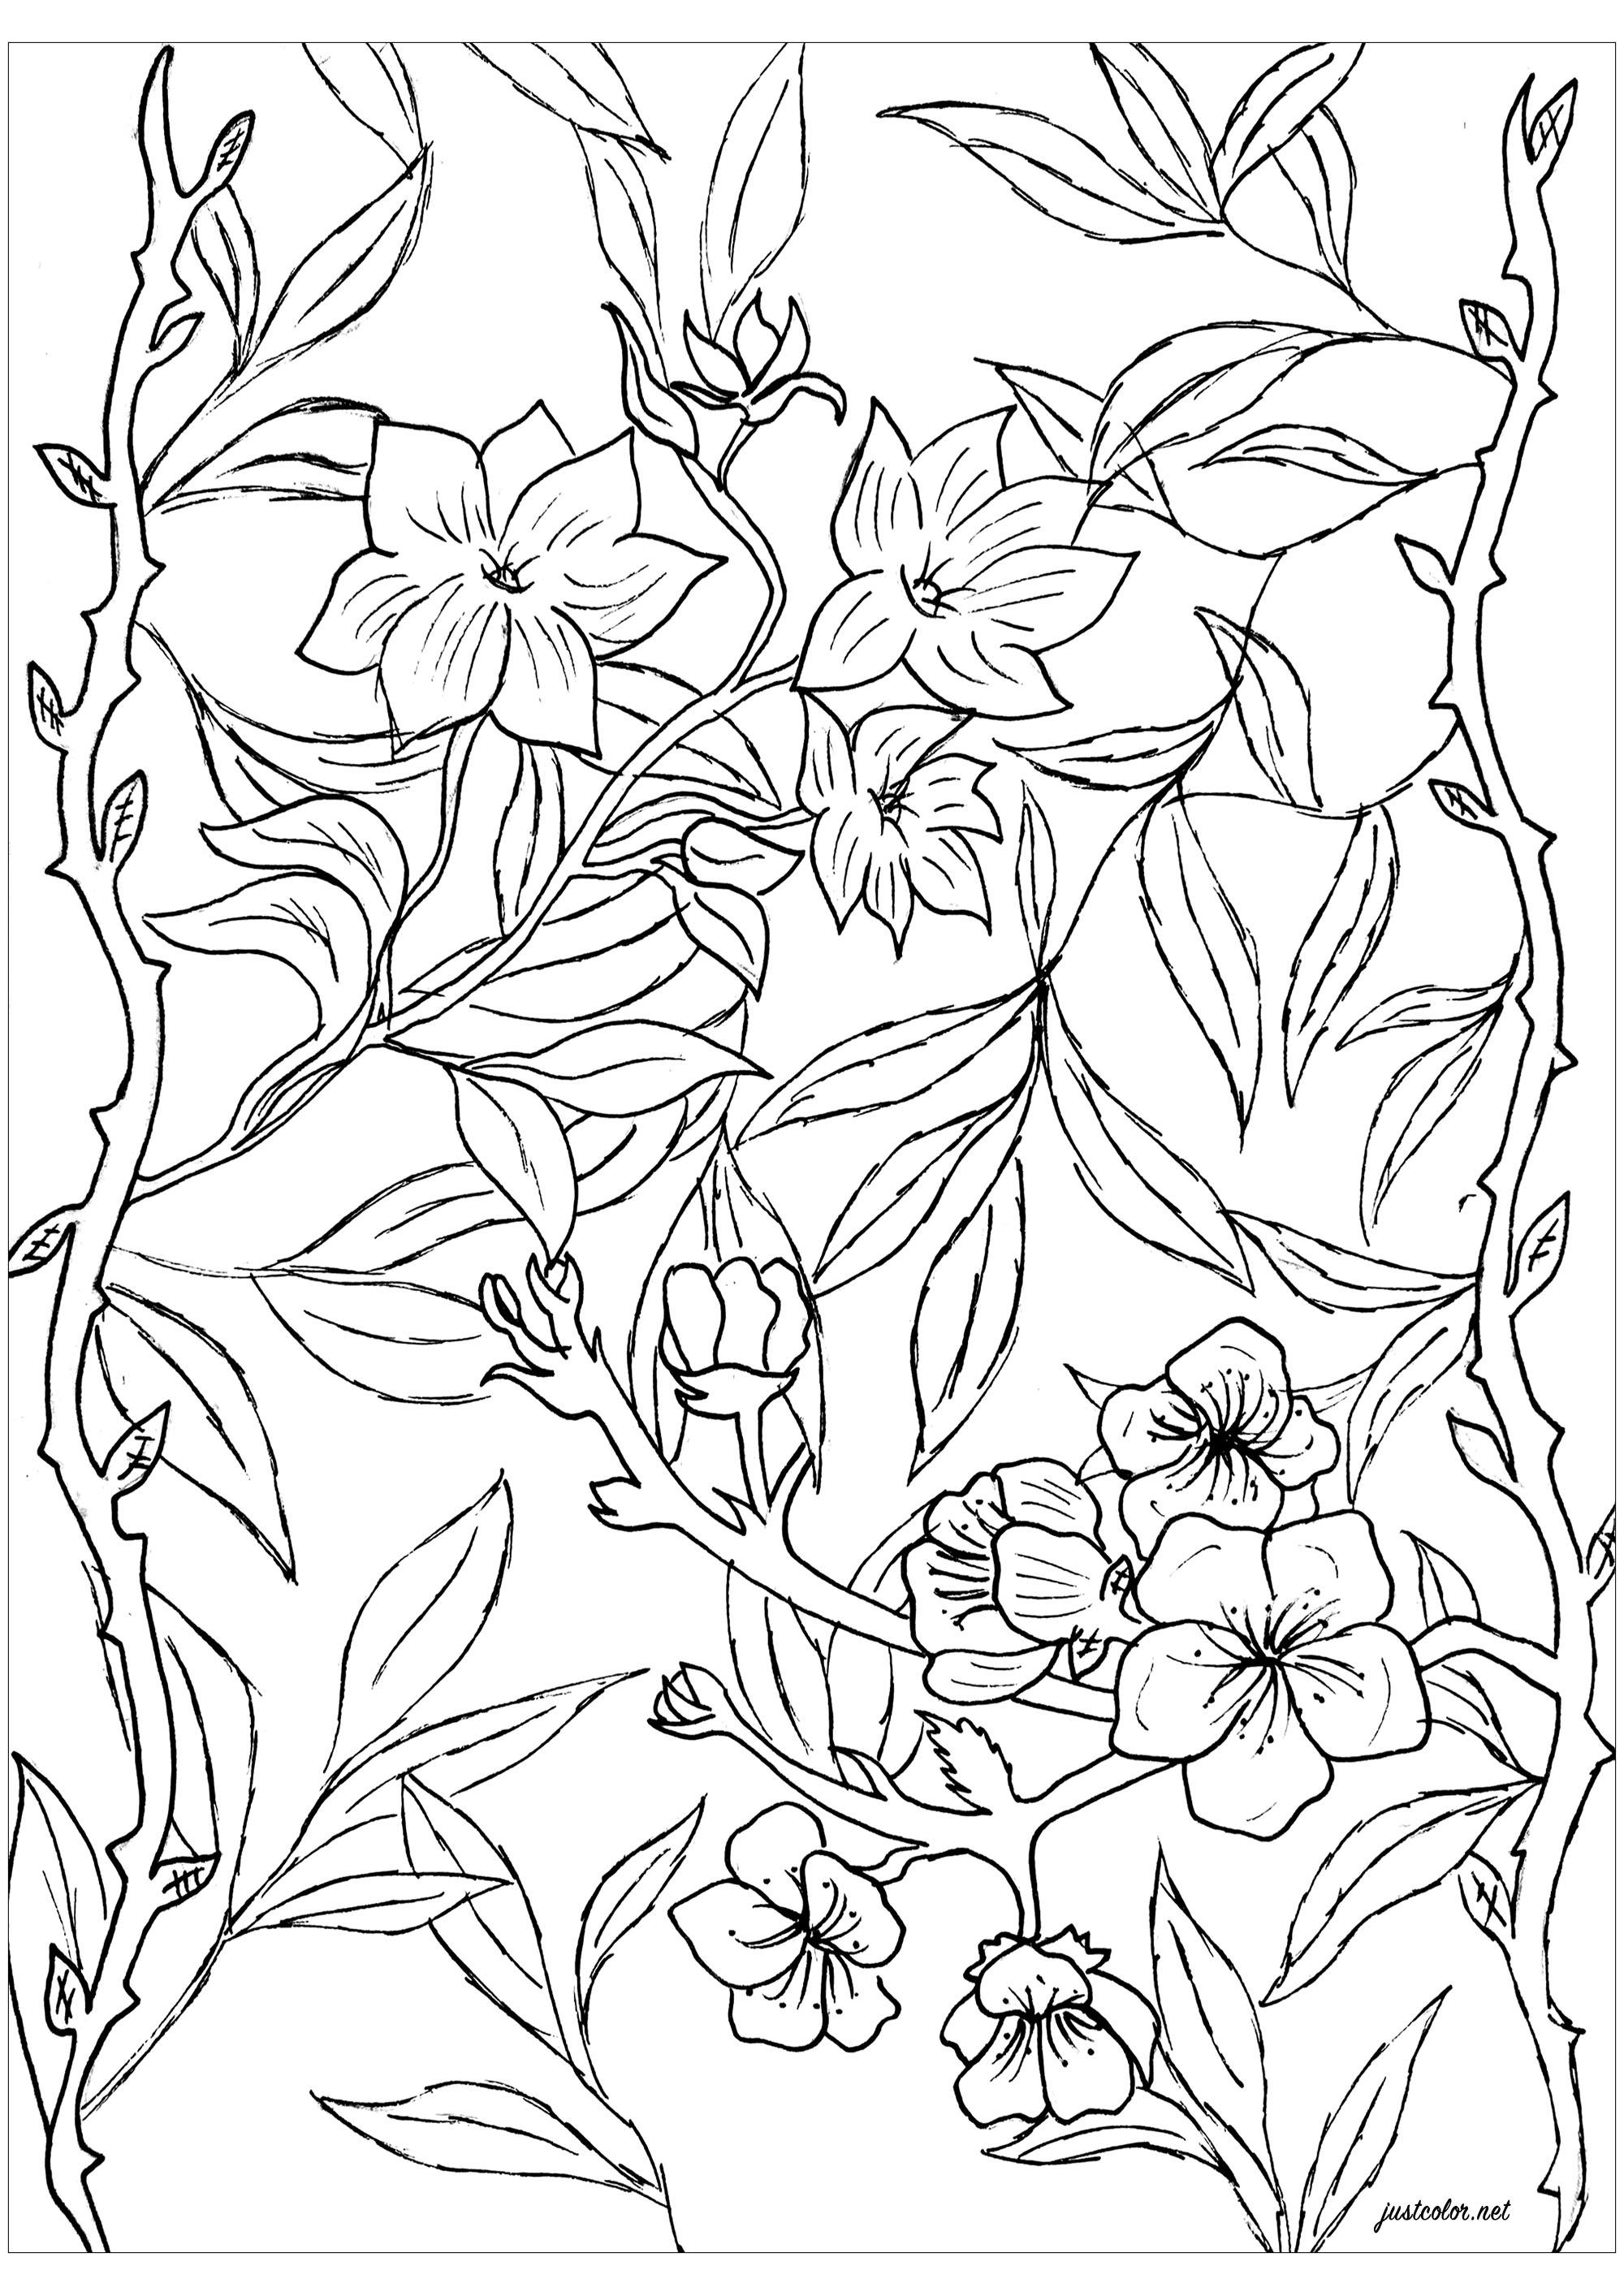 Coloriez ces belles feuilles et fleurs